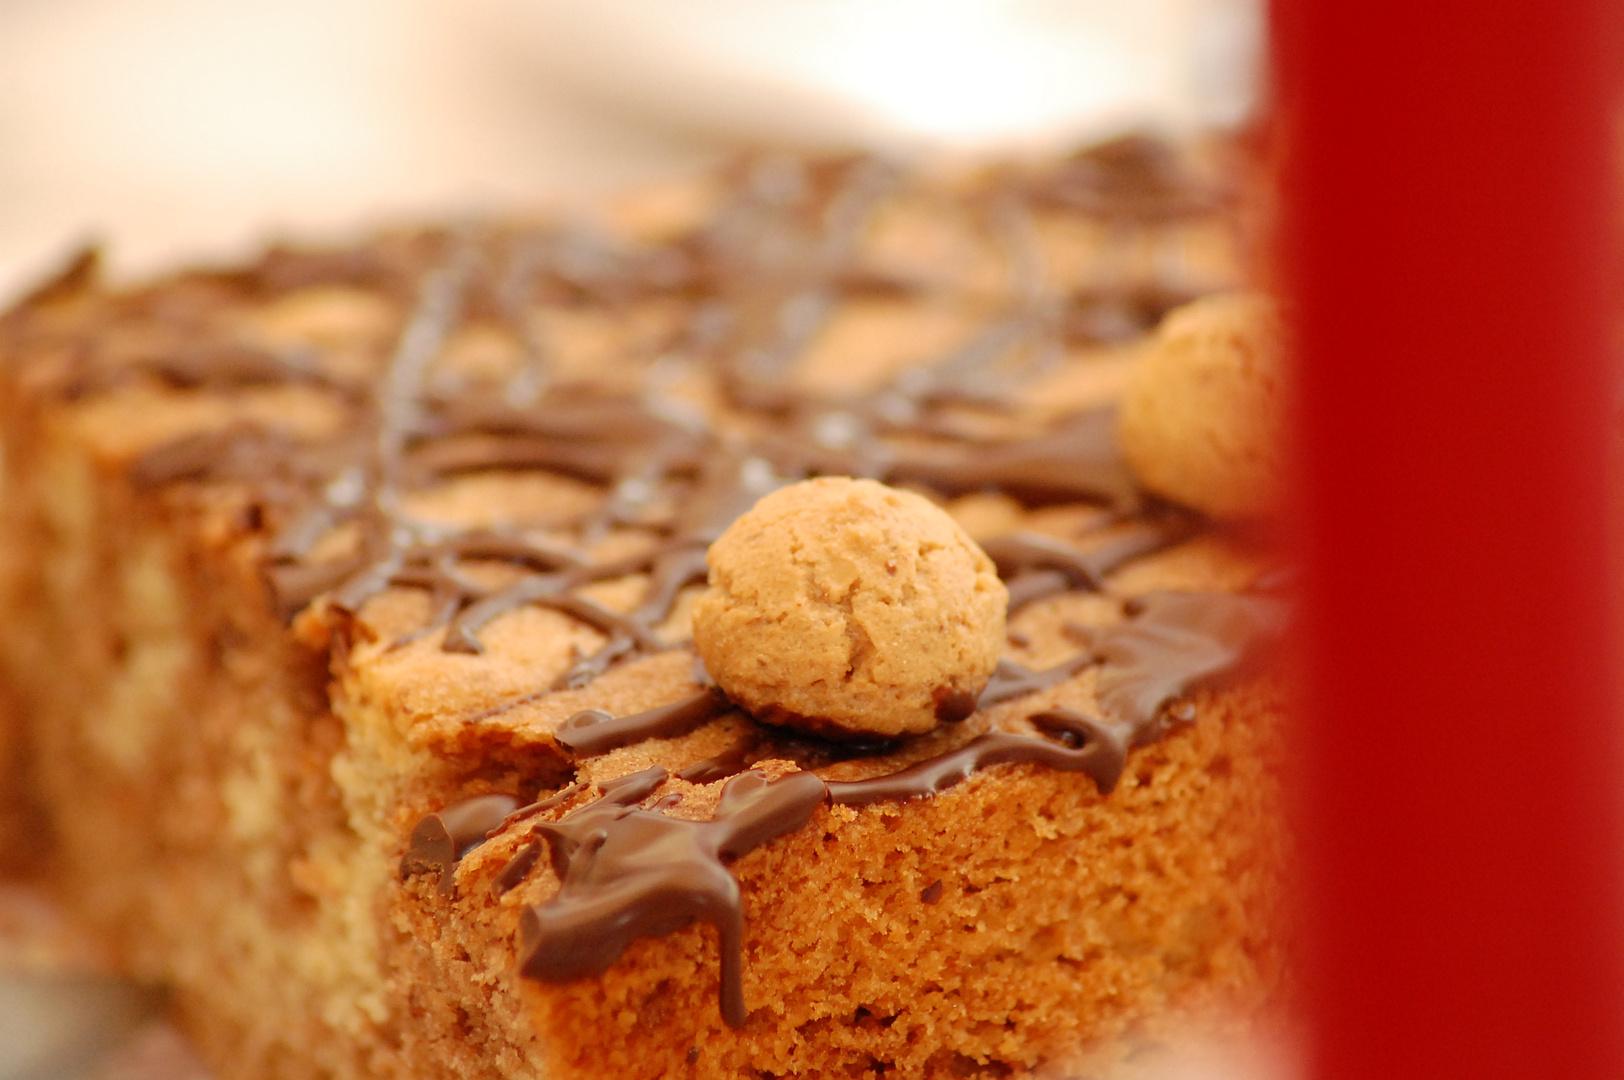 Lecker Kuchen!